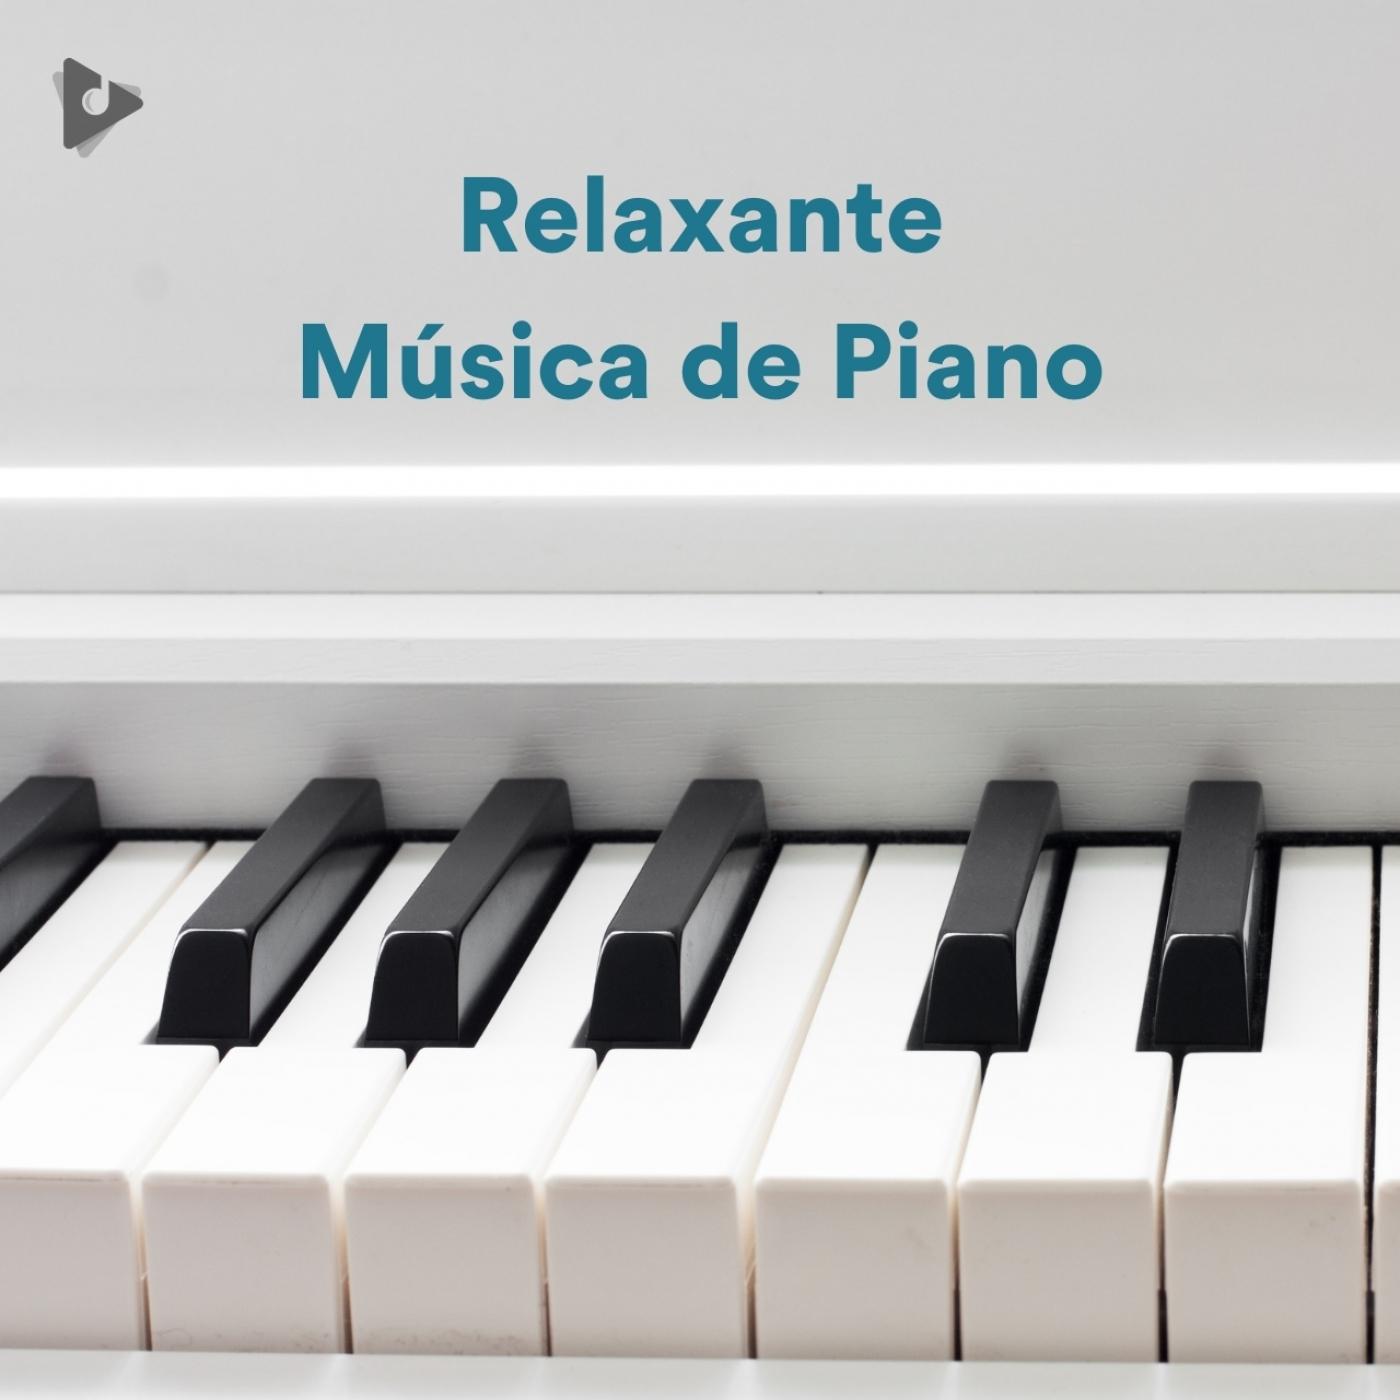 Relaxante Música de Piano